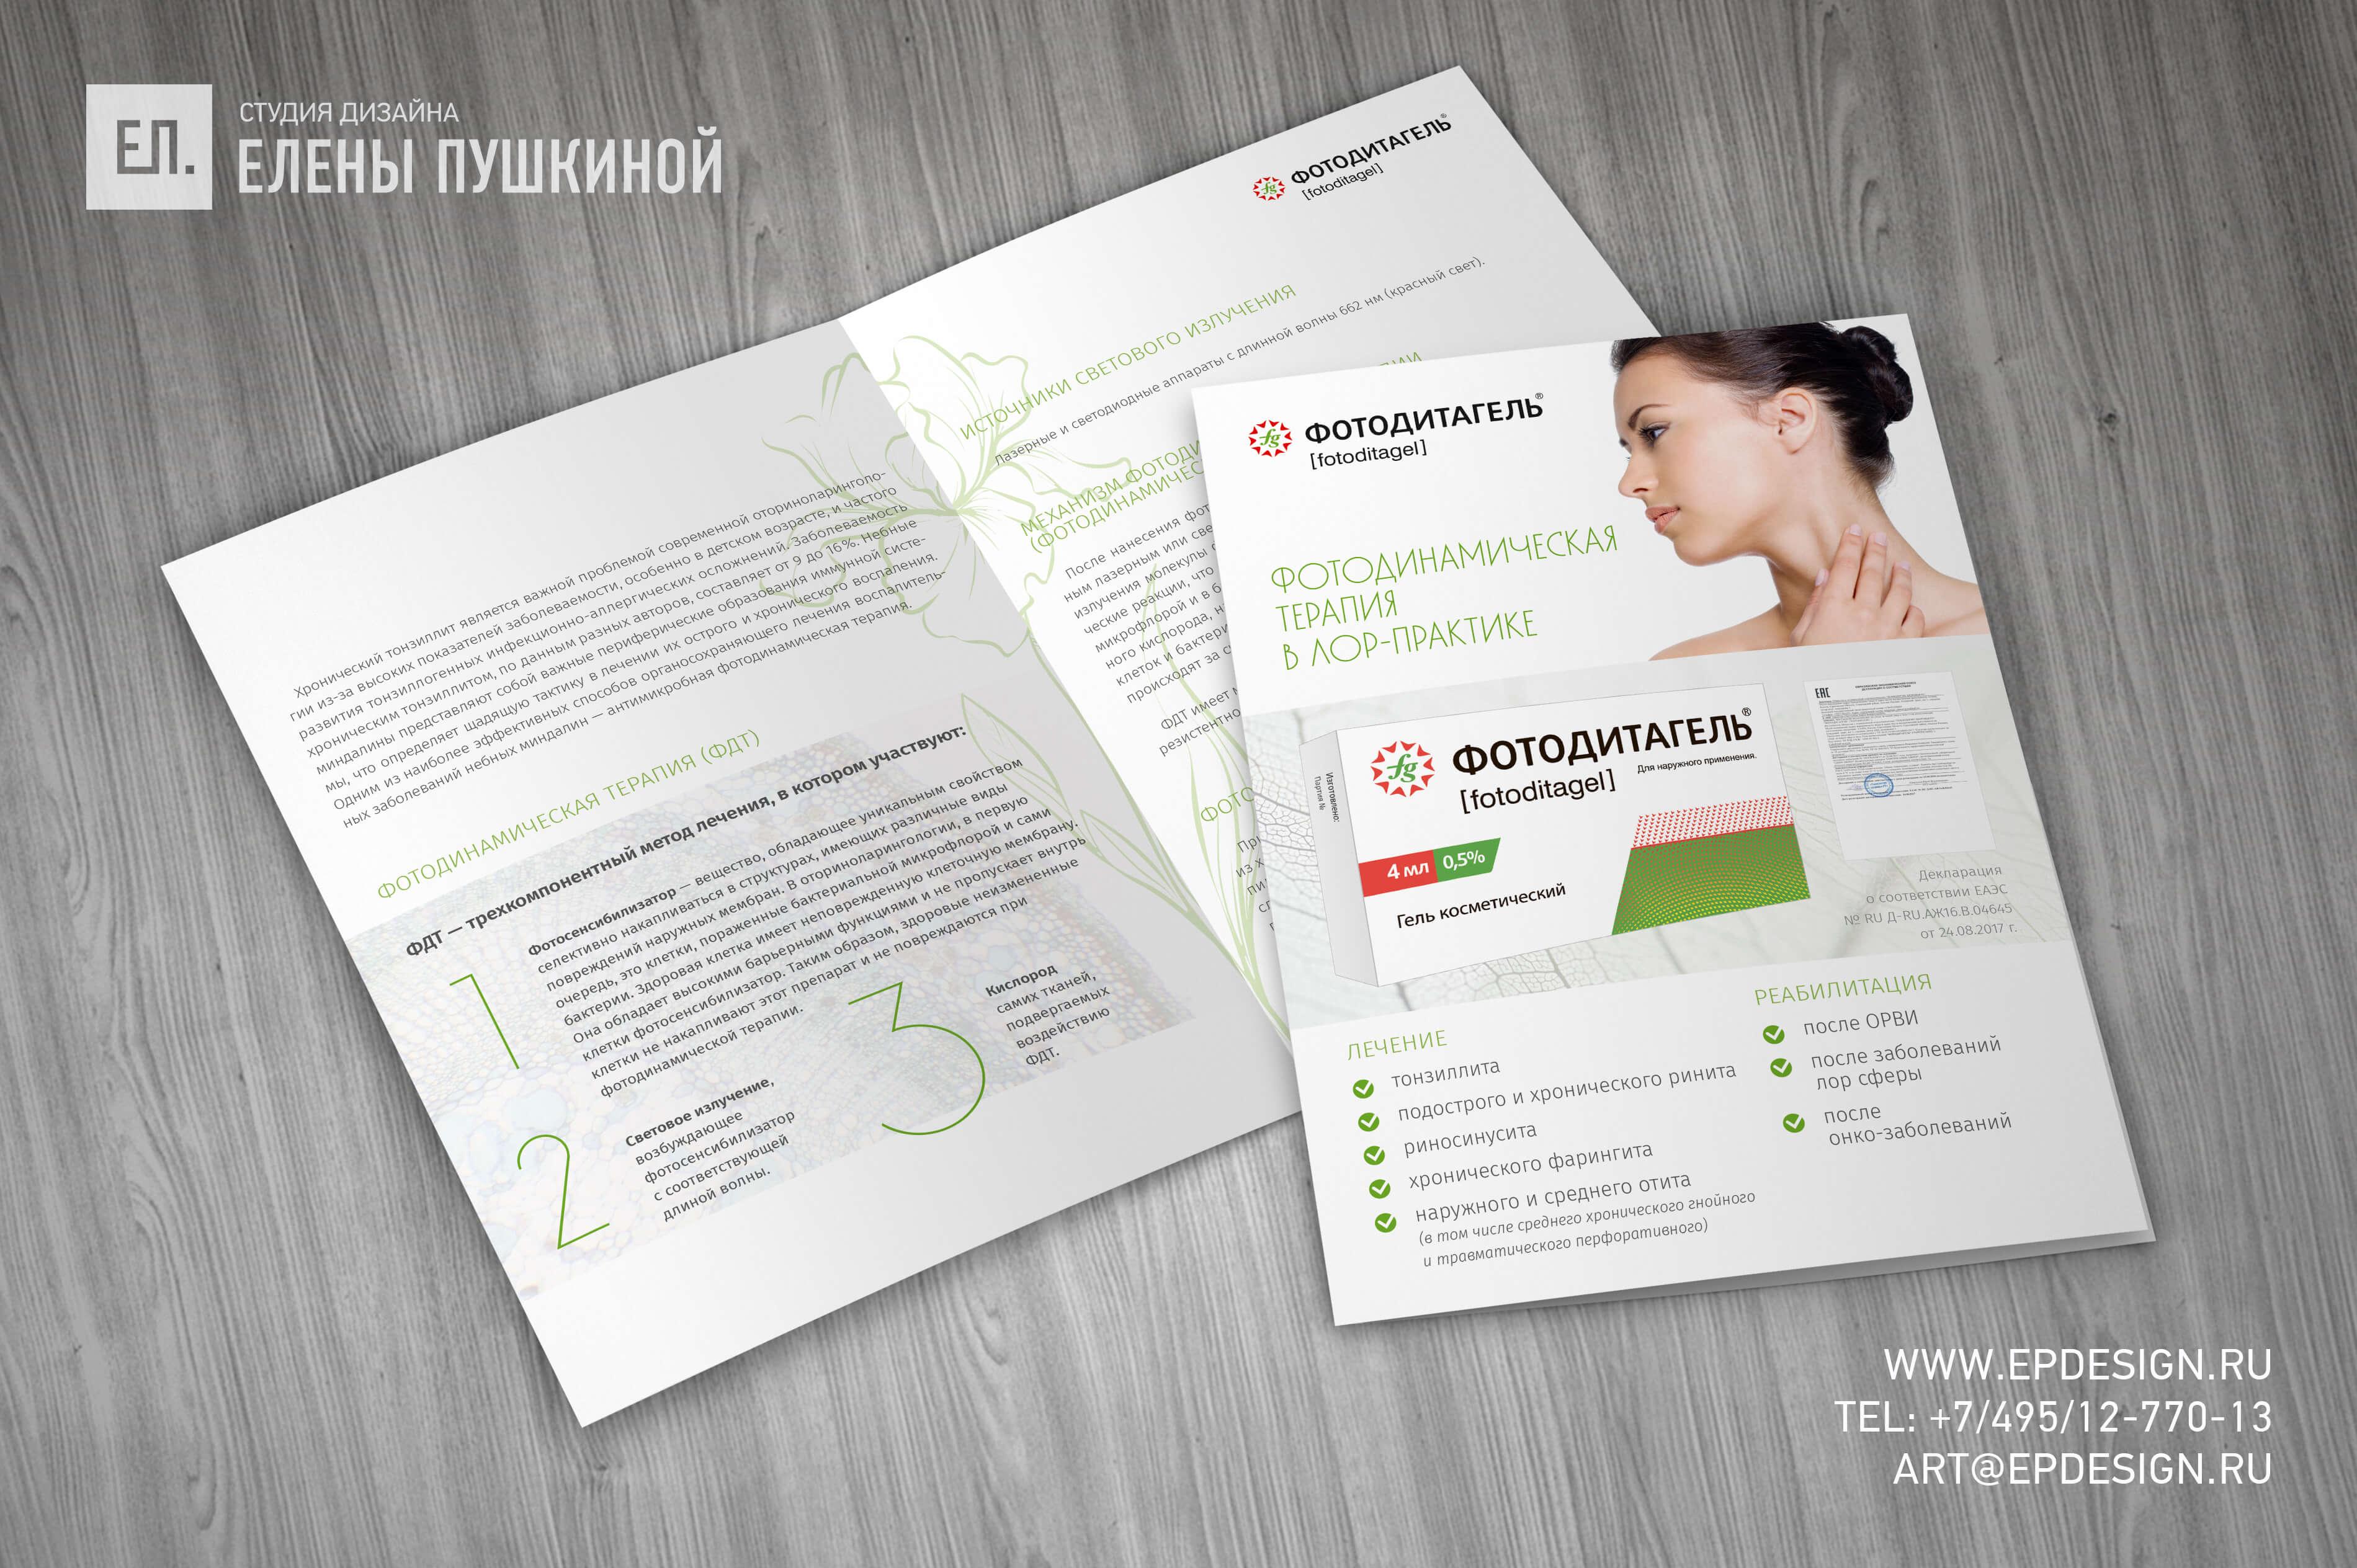 Буклет фотодинамическая терапия влор-практике спрепаратом «ФОТОДИТАГЕЛЬ»— разработка дизайна ивёрстка буклета Дизайн брошюр, буклетов Портфолио